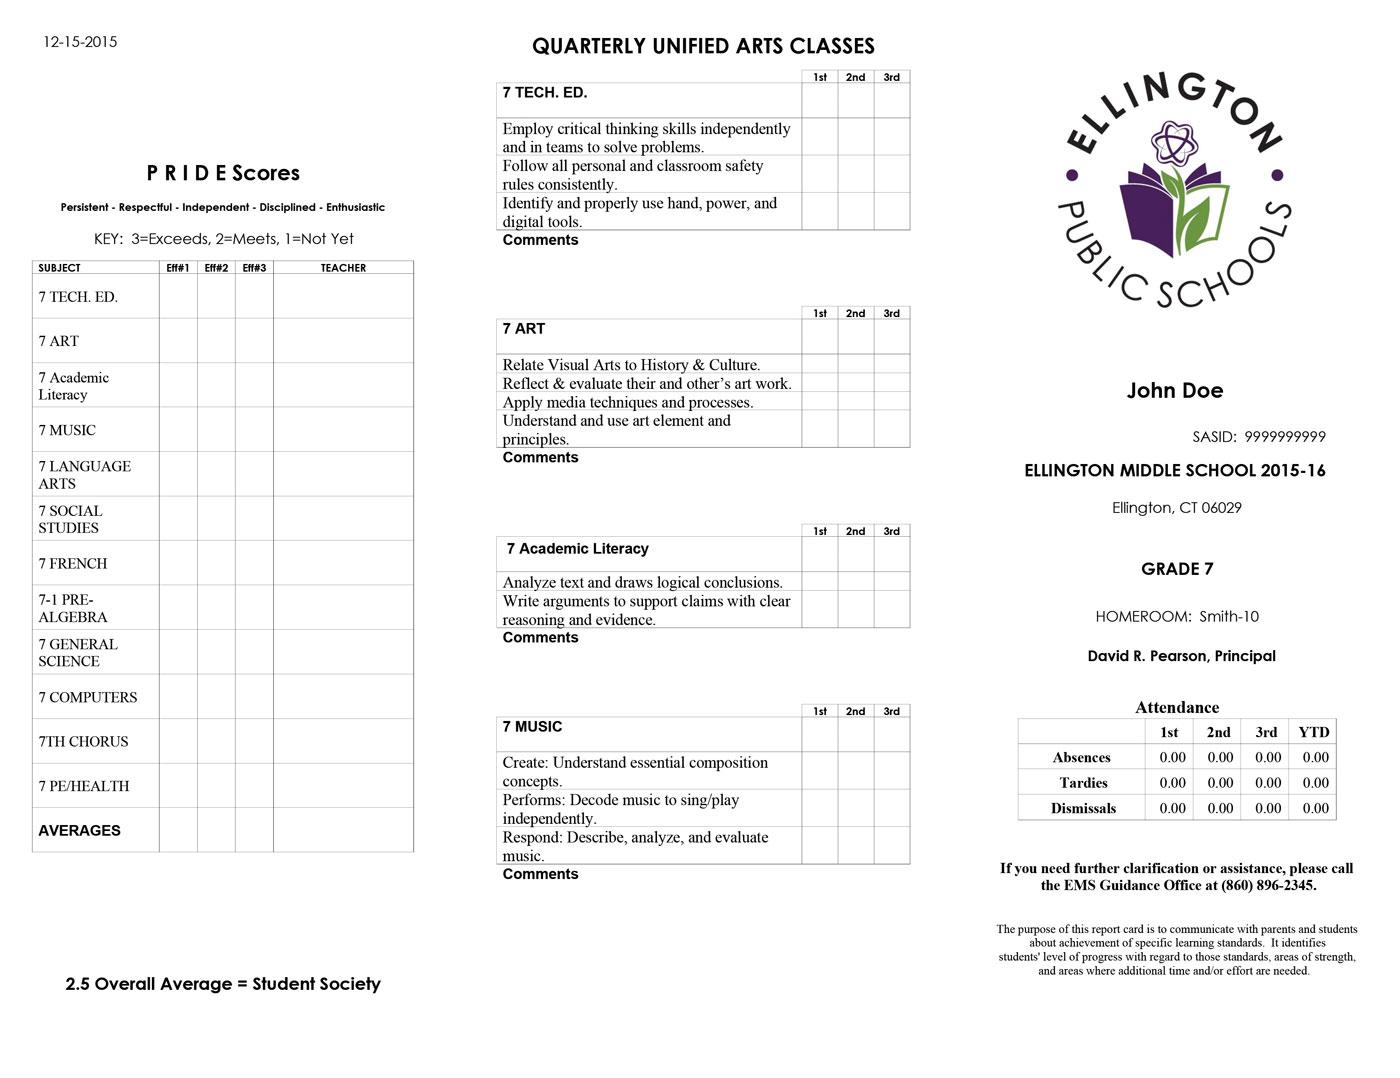 Ellington Middle School Report Card Sample